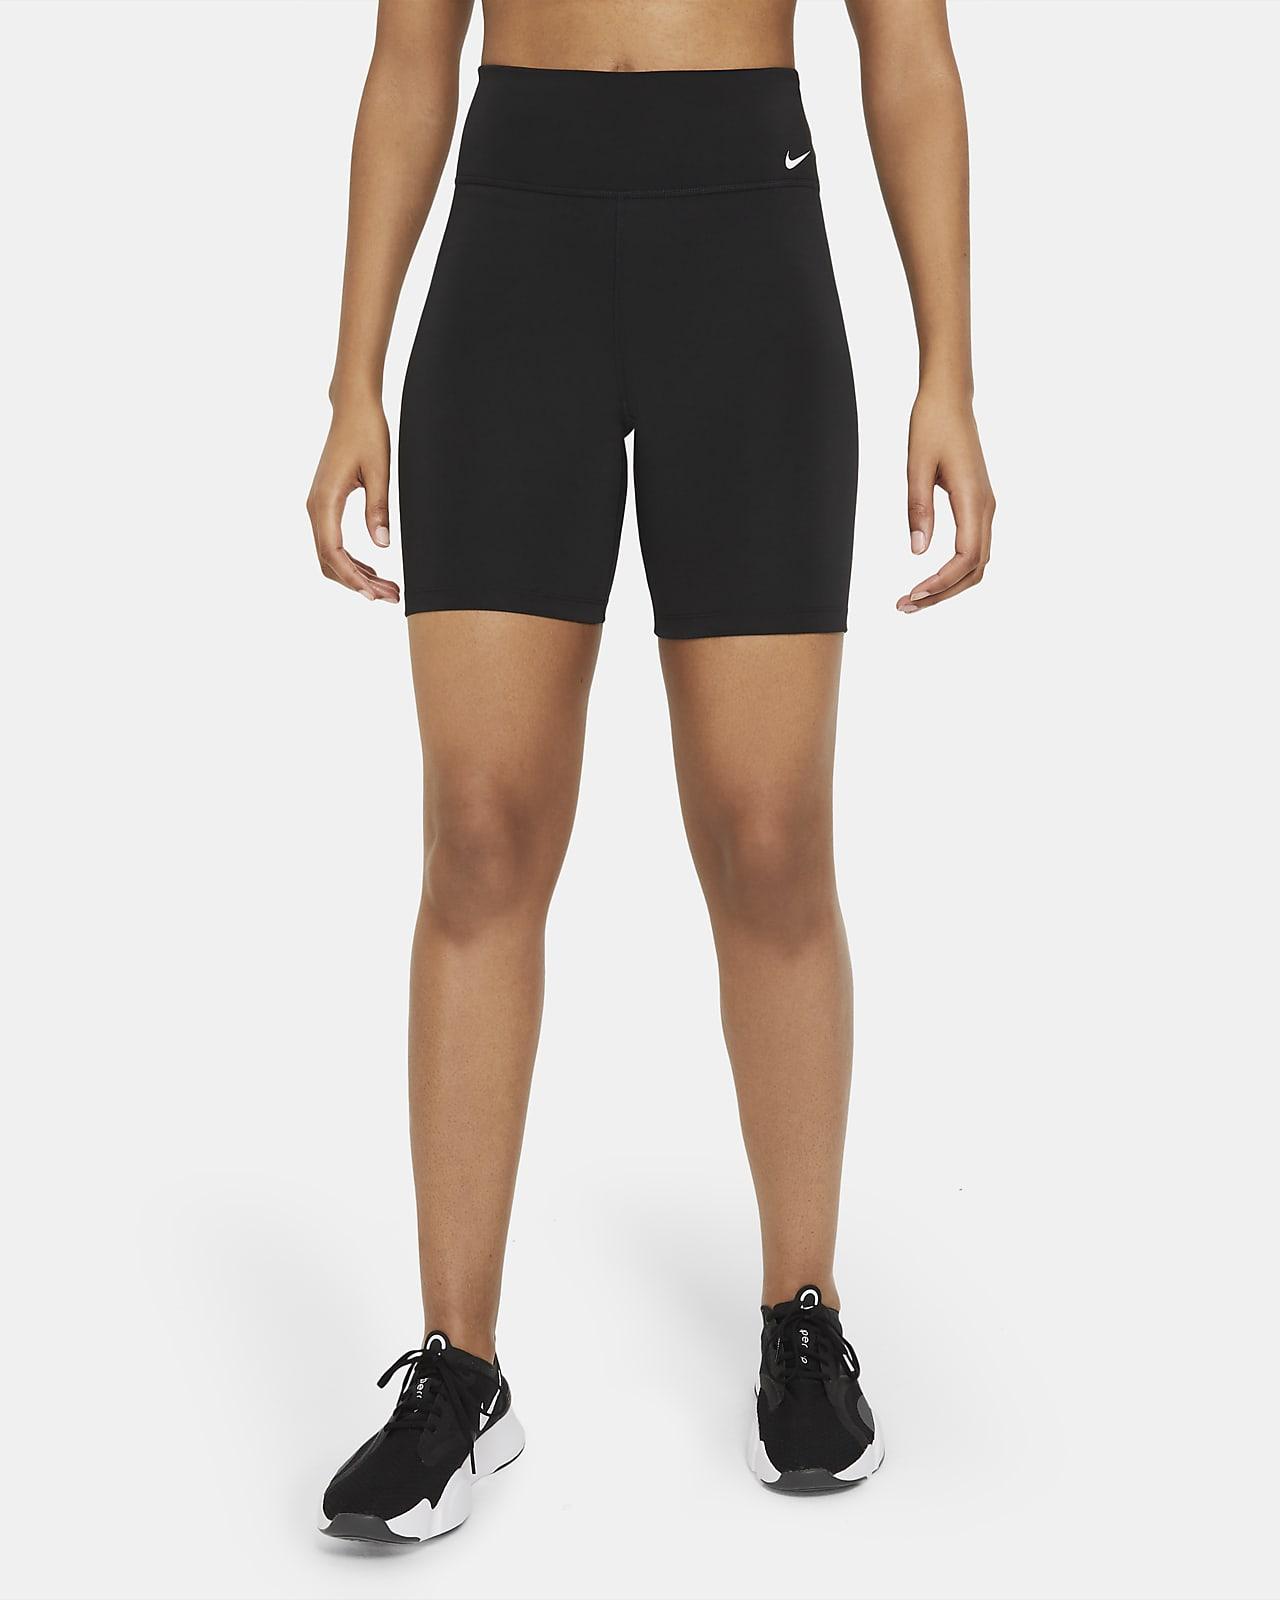 Spodenki damskie ze średnim stanem 18 cm Nike One